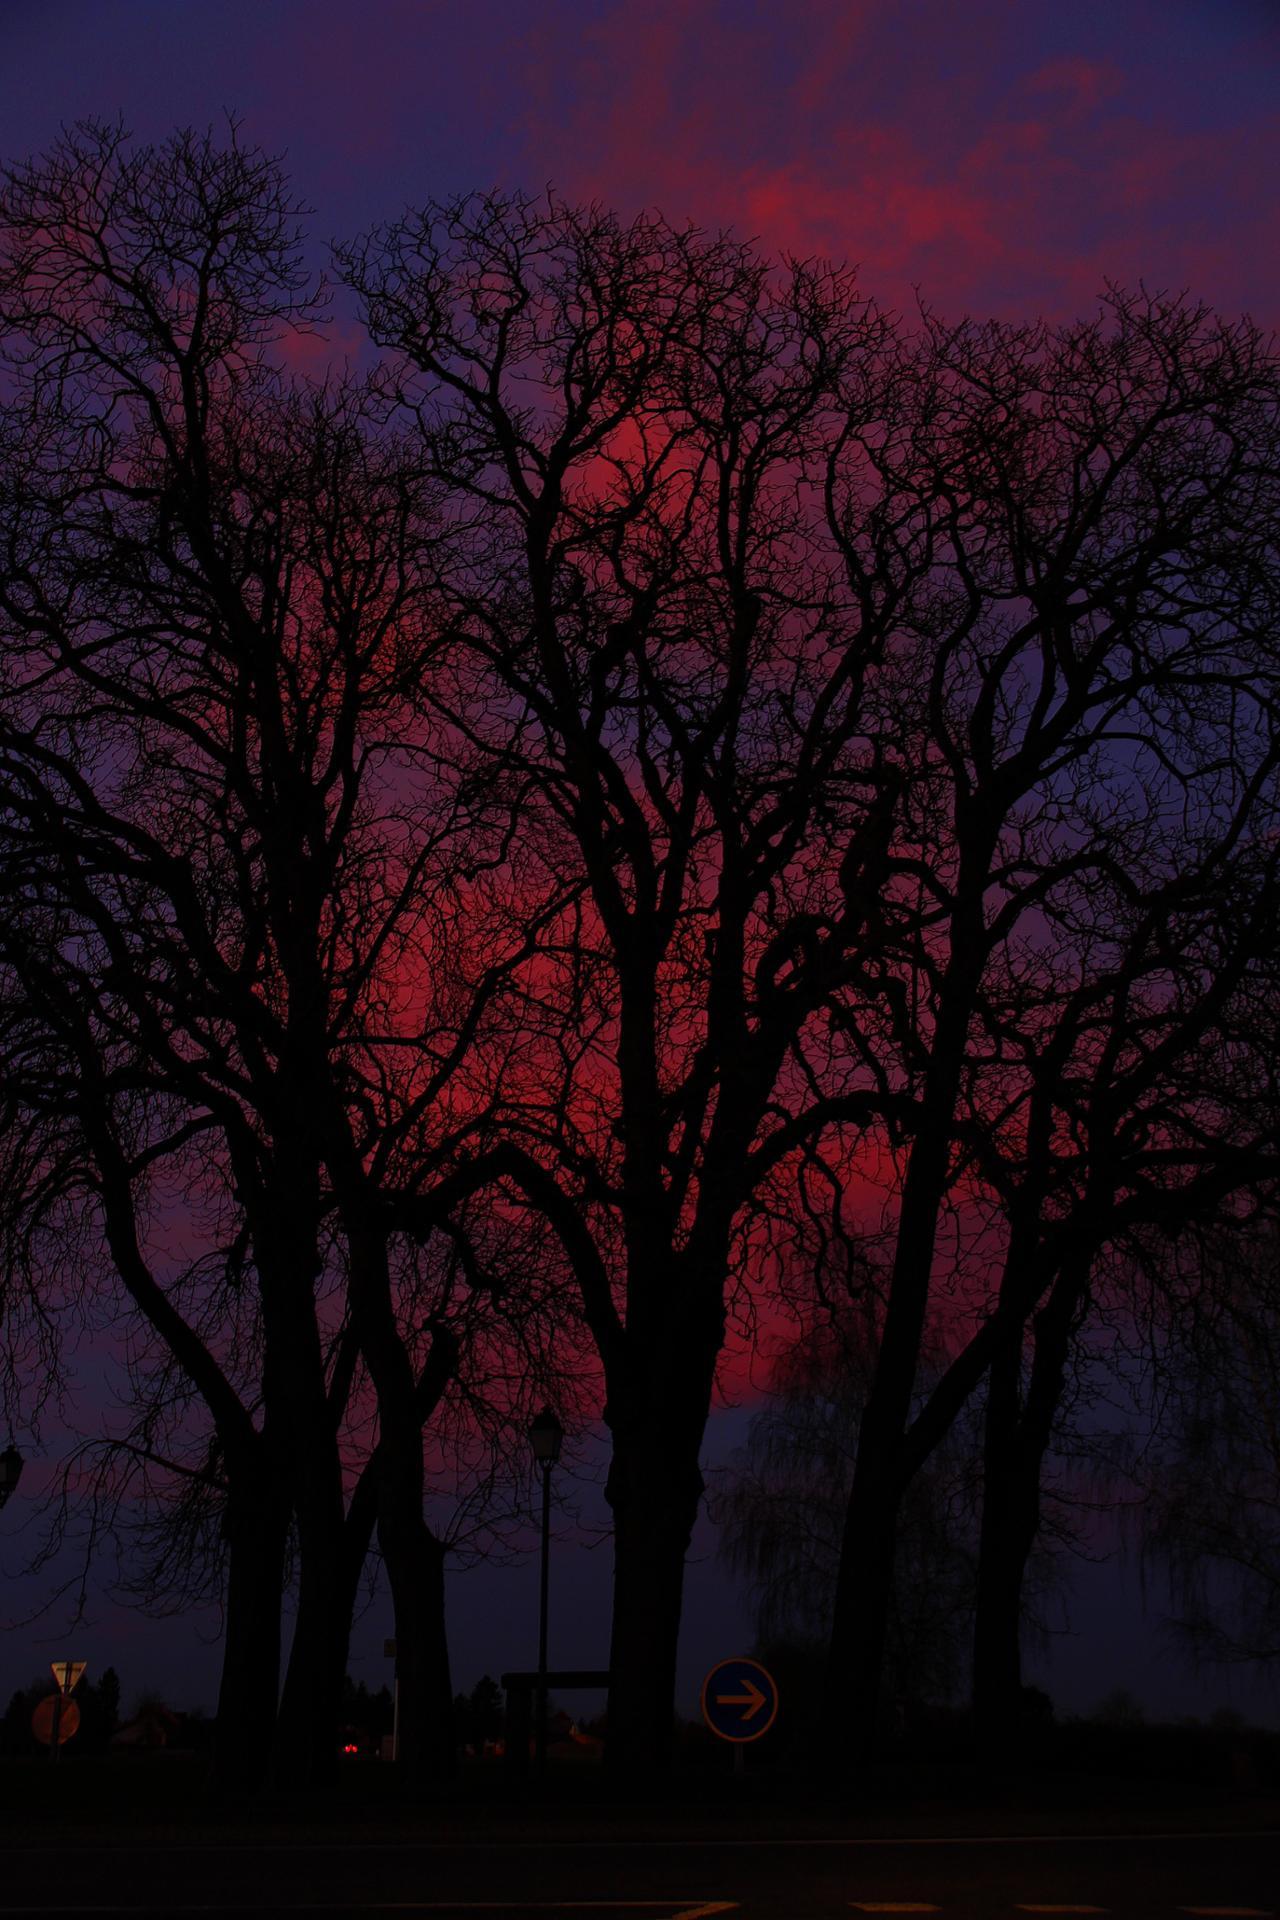 couleur d'un soir